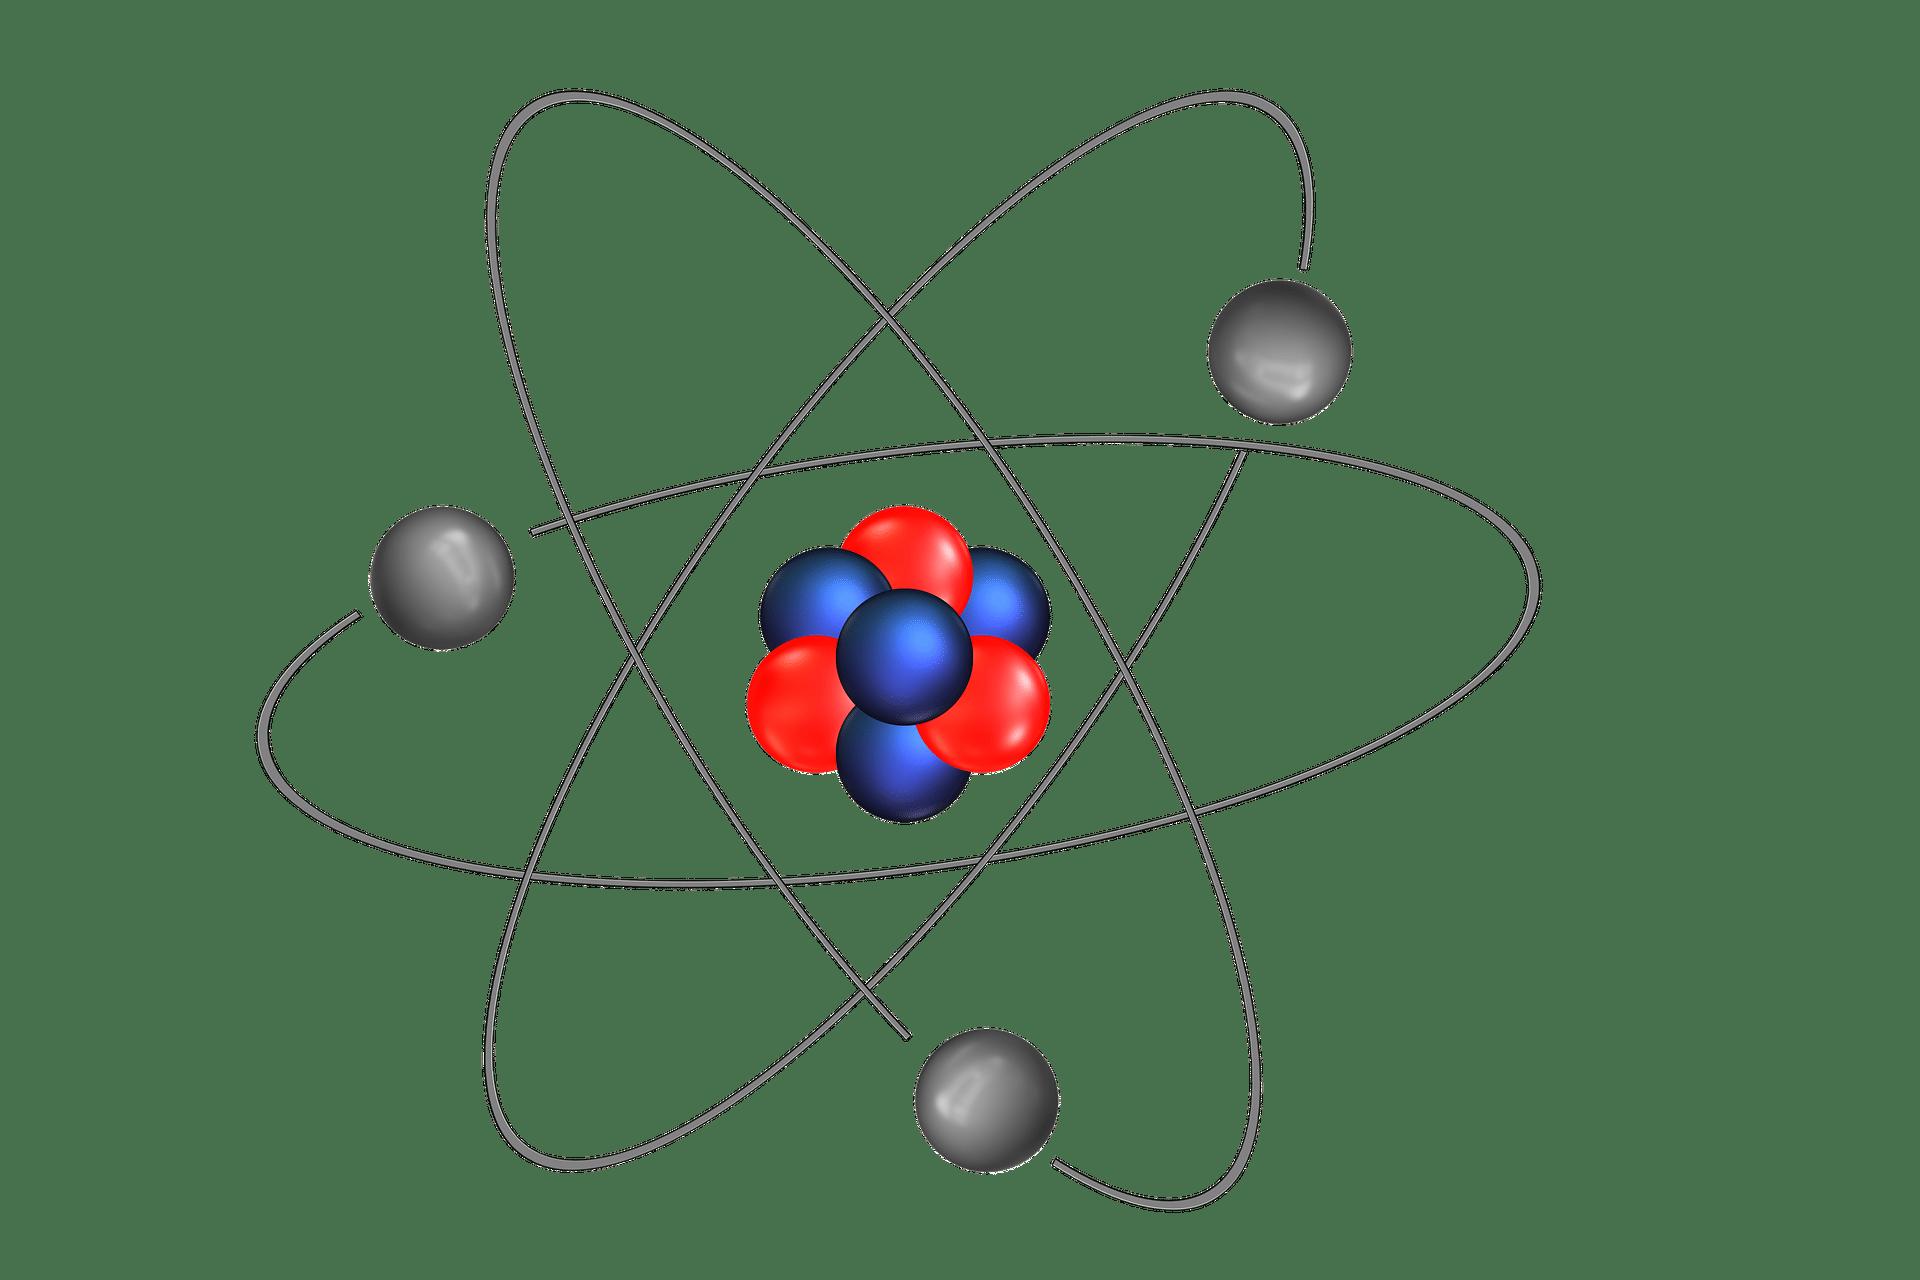 Modelo atômico de Bohr: teorias, modelos e mais!